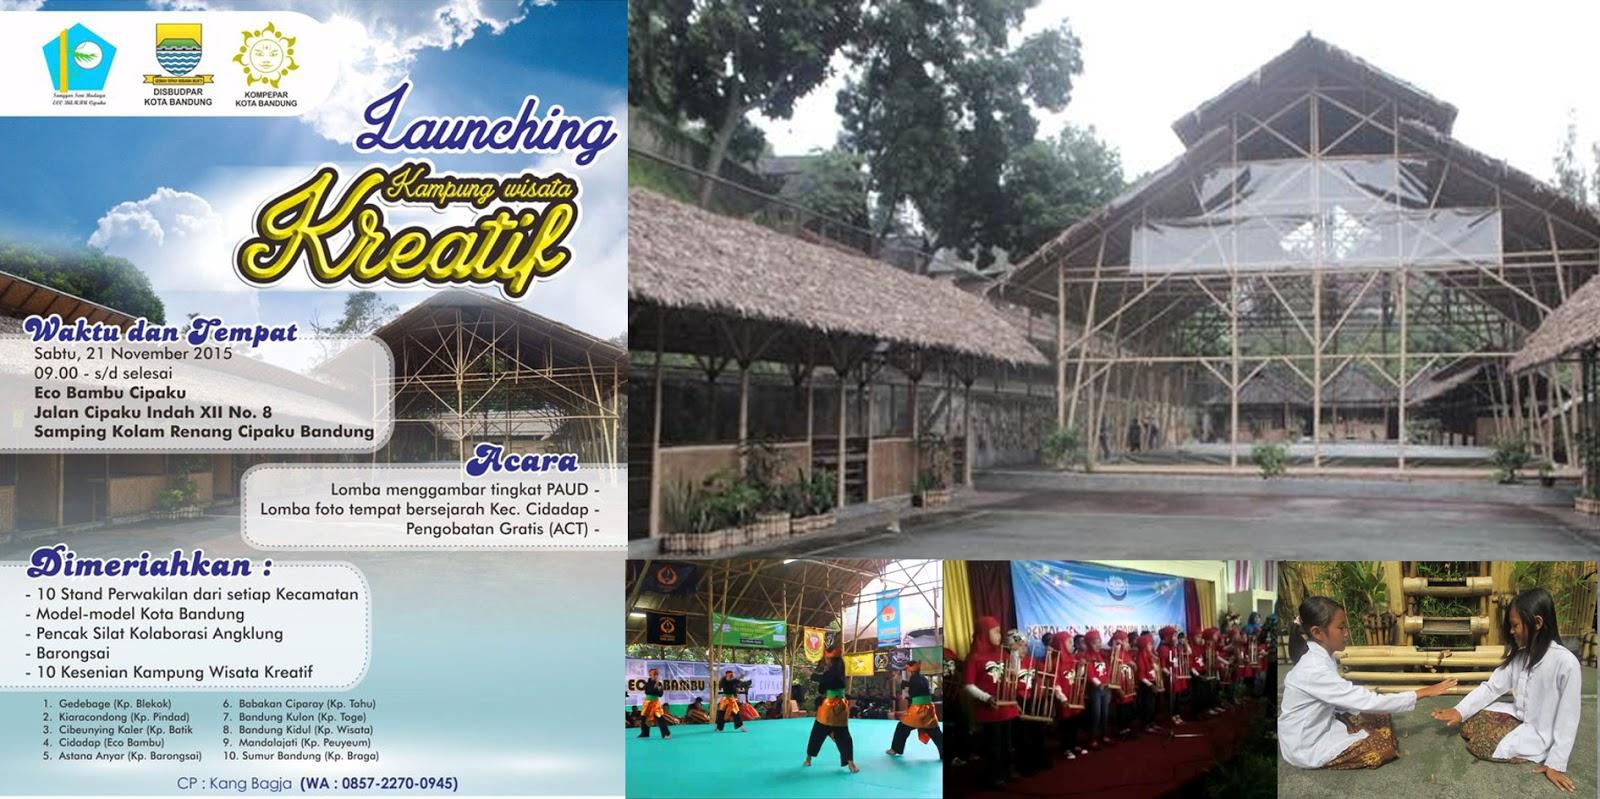 launching kampung wisata kreatif Bandung 21 November 2015